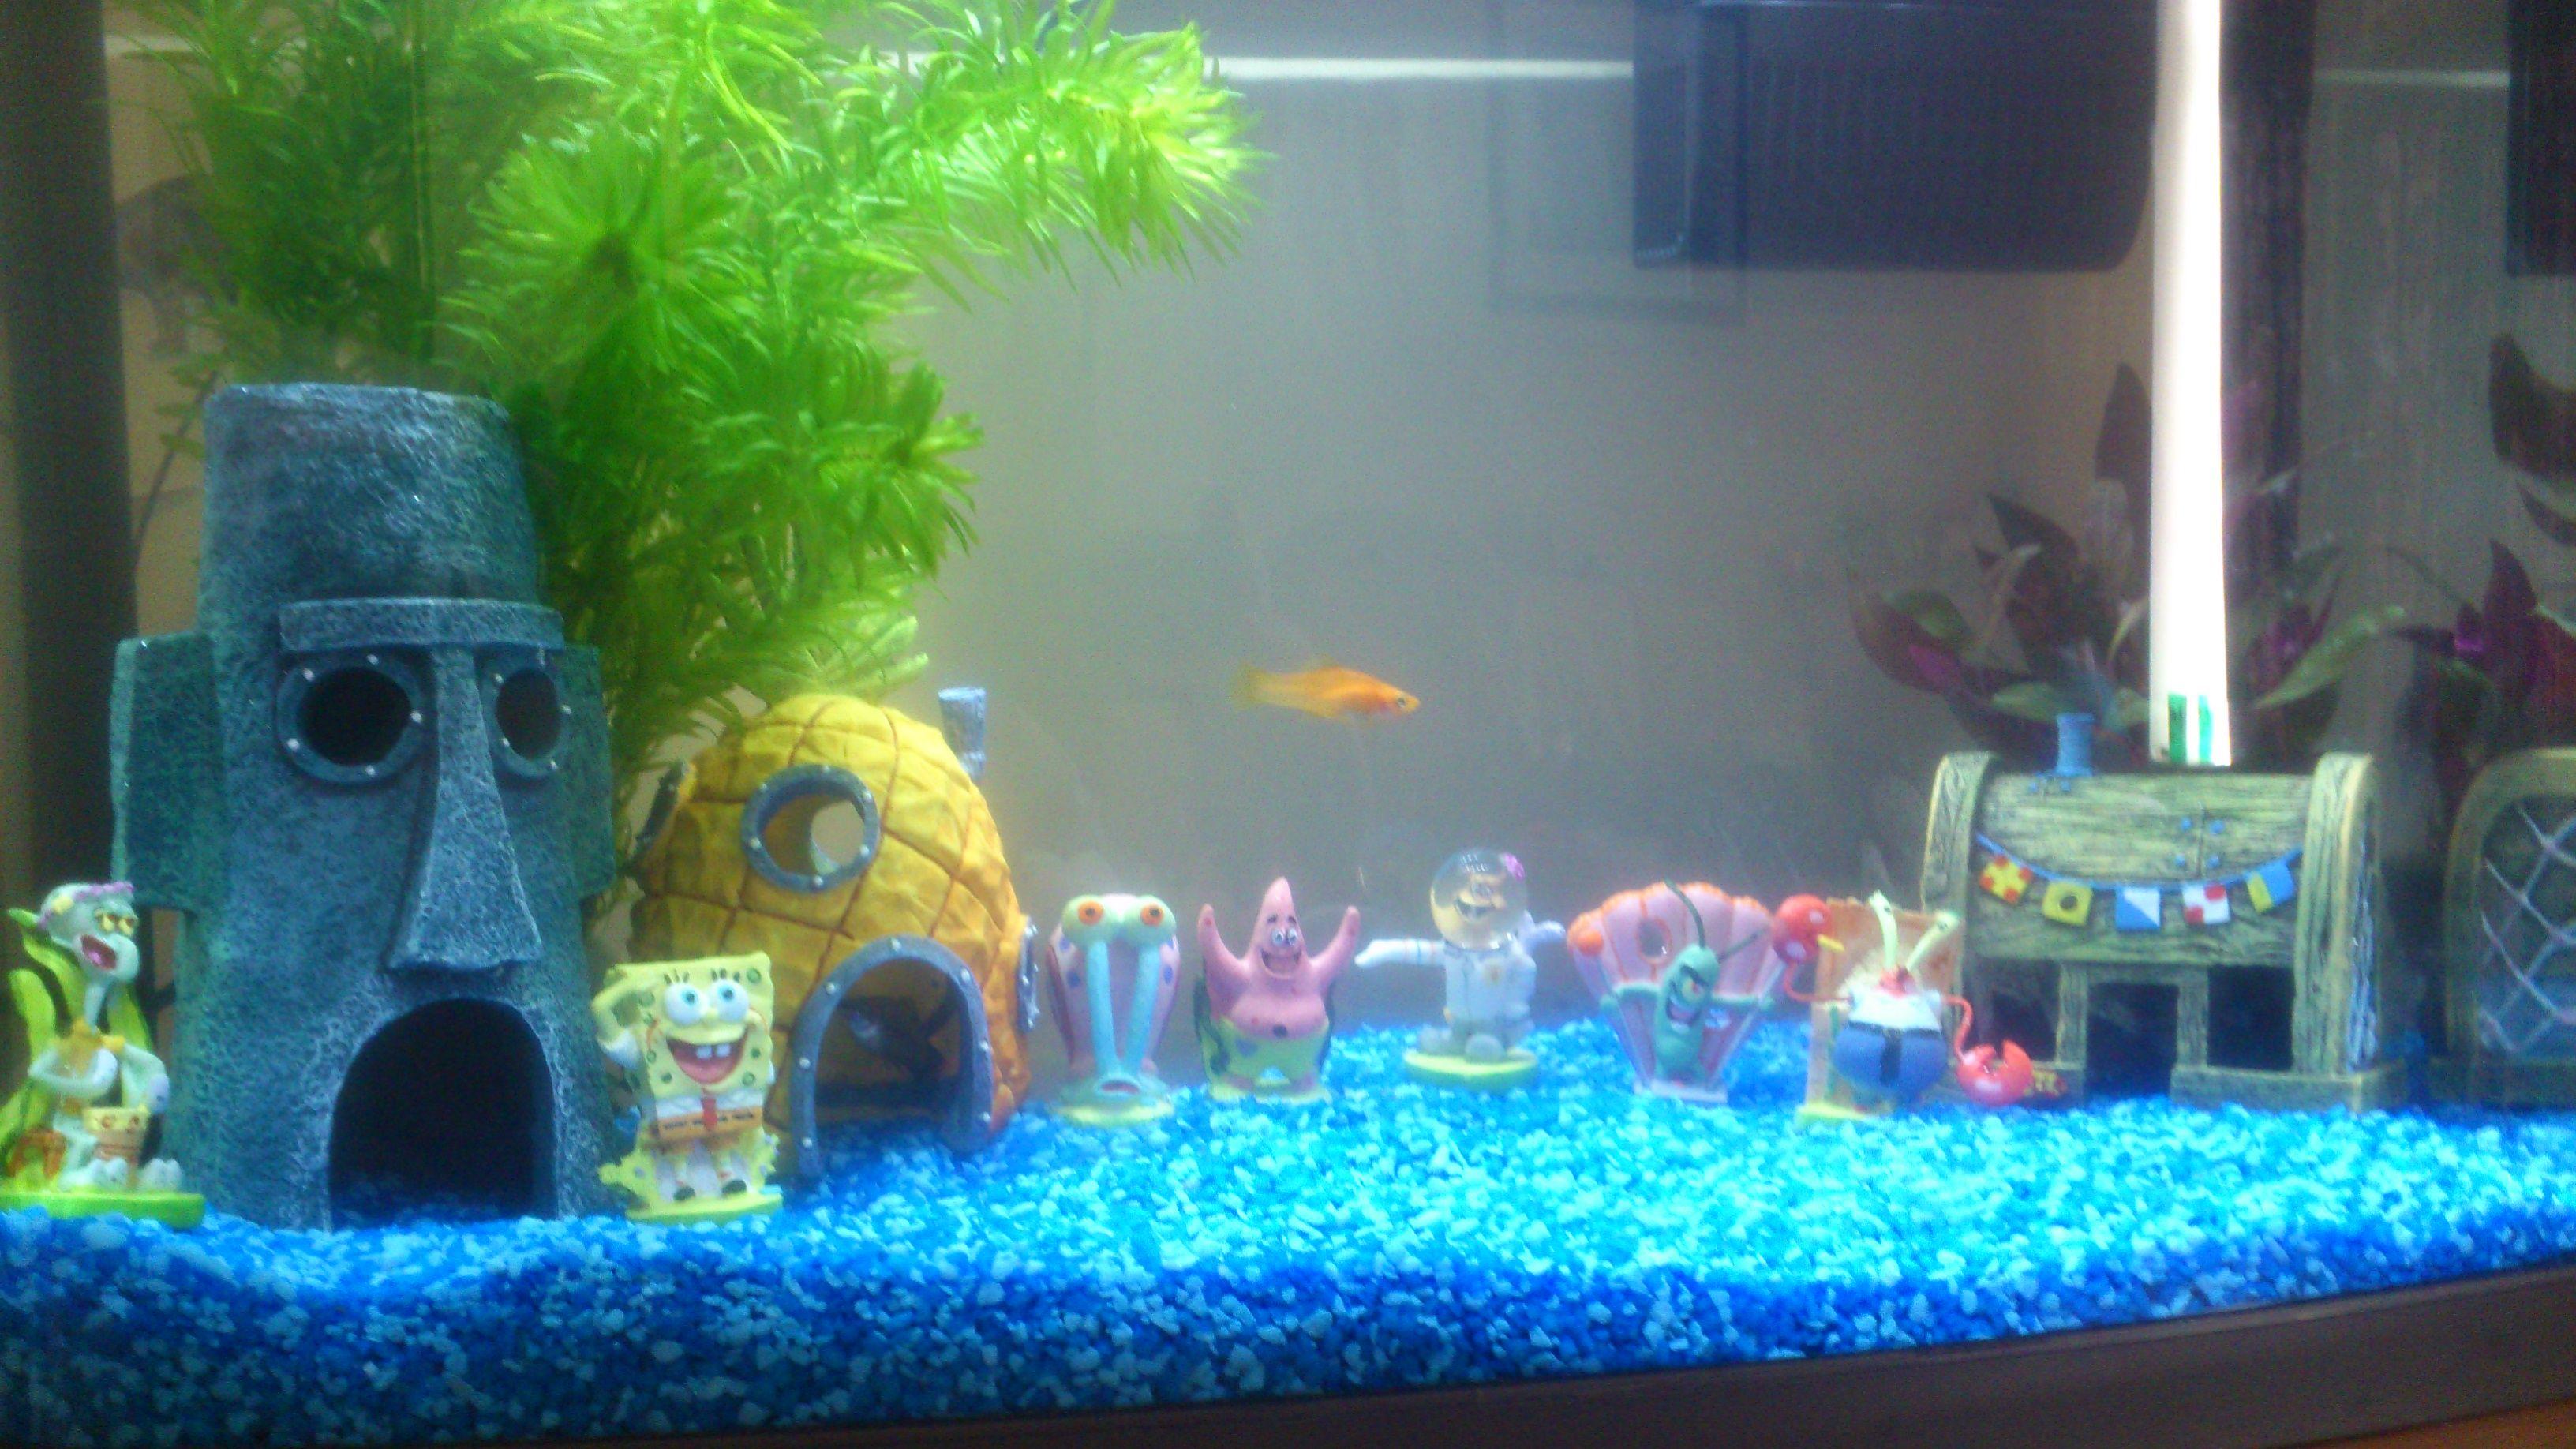 Freshwater fish kauai - Our Sponge Bob Squarepants Fish Tank Theme